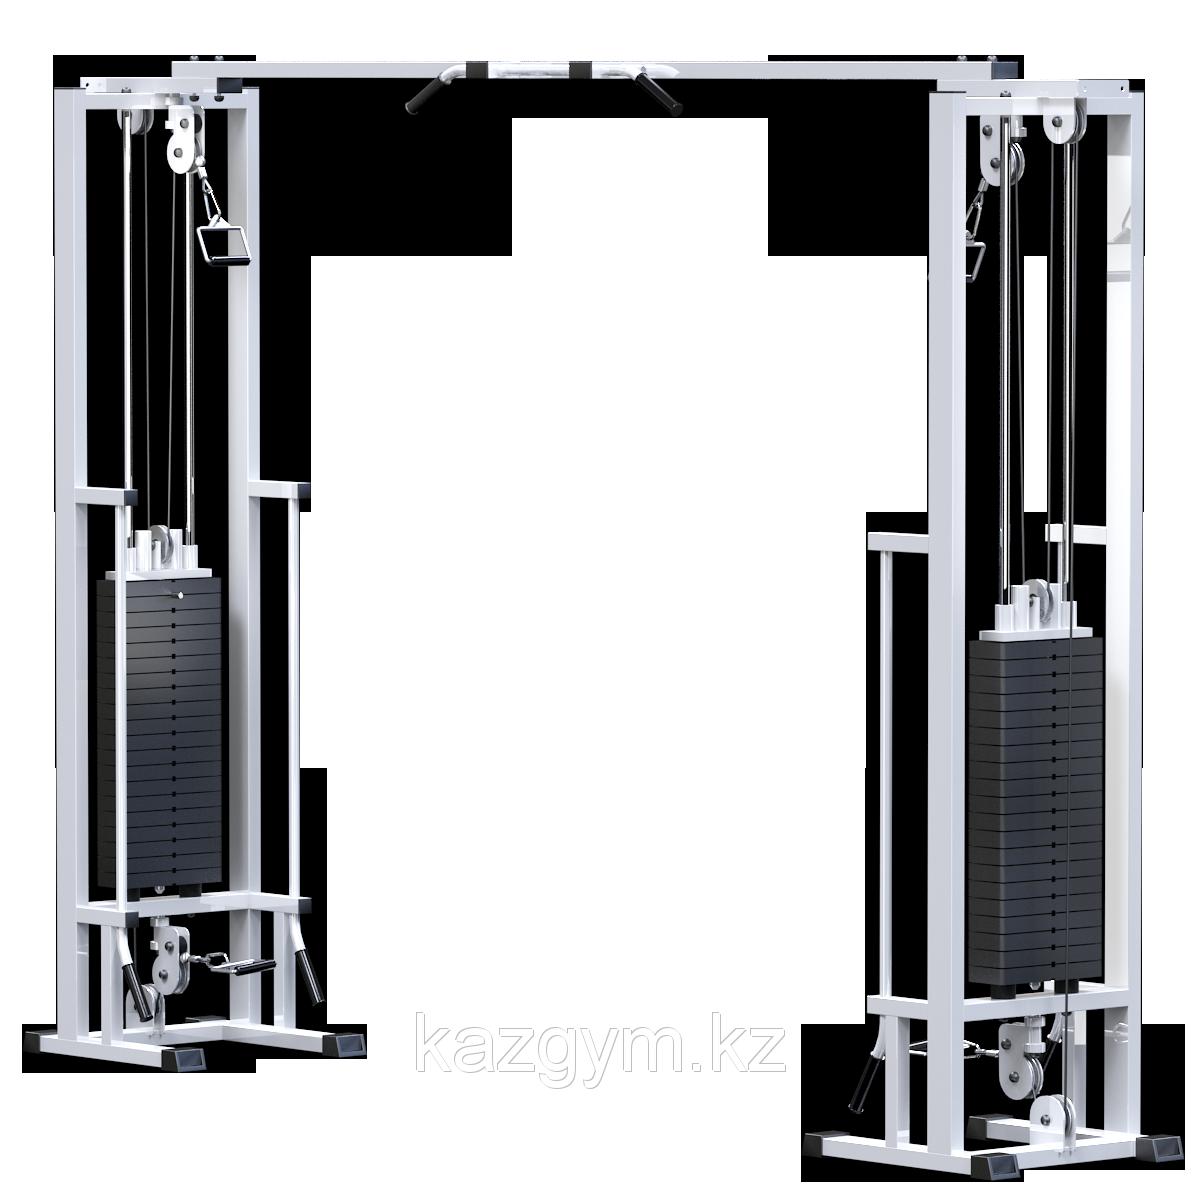 Кроссовер на базе реабилитационной рамы (стек 2х100кг) (KAR082.2х100)